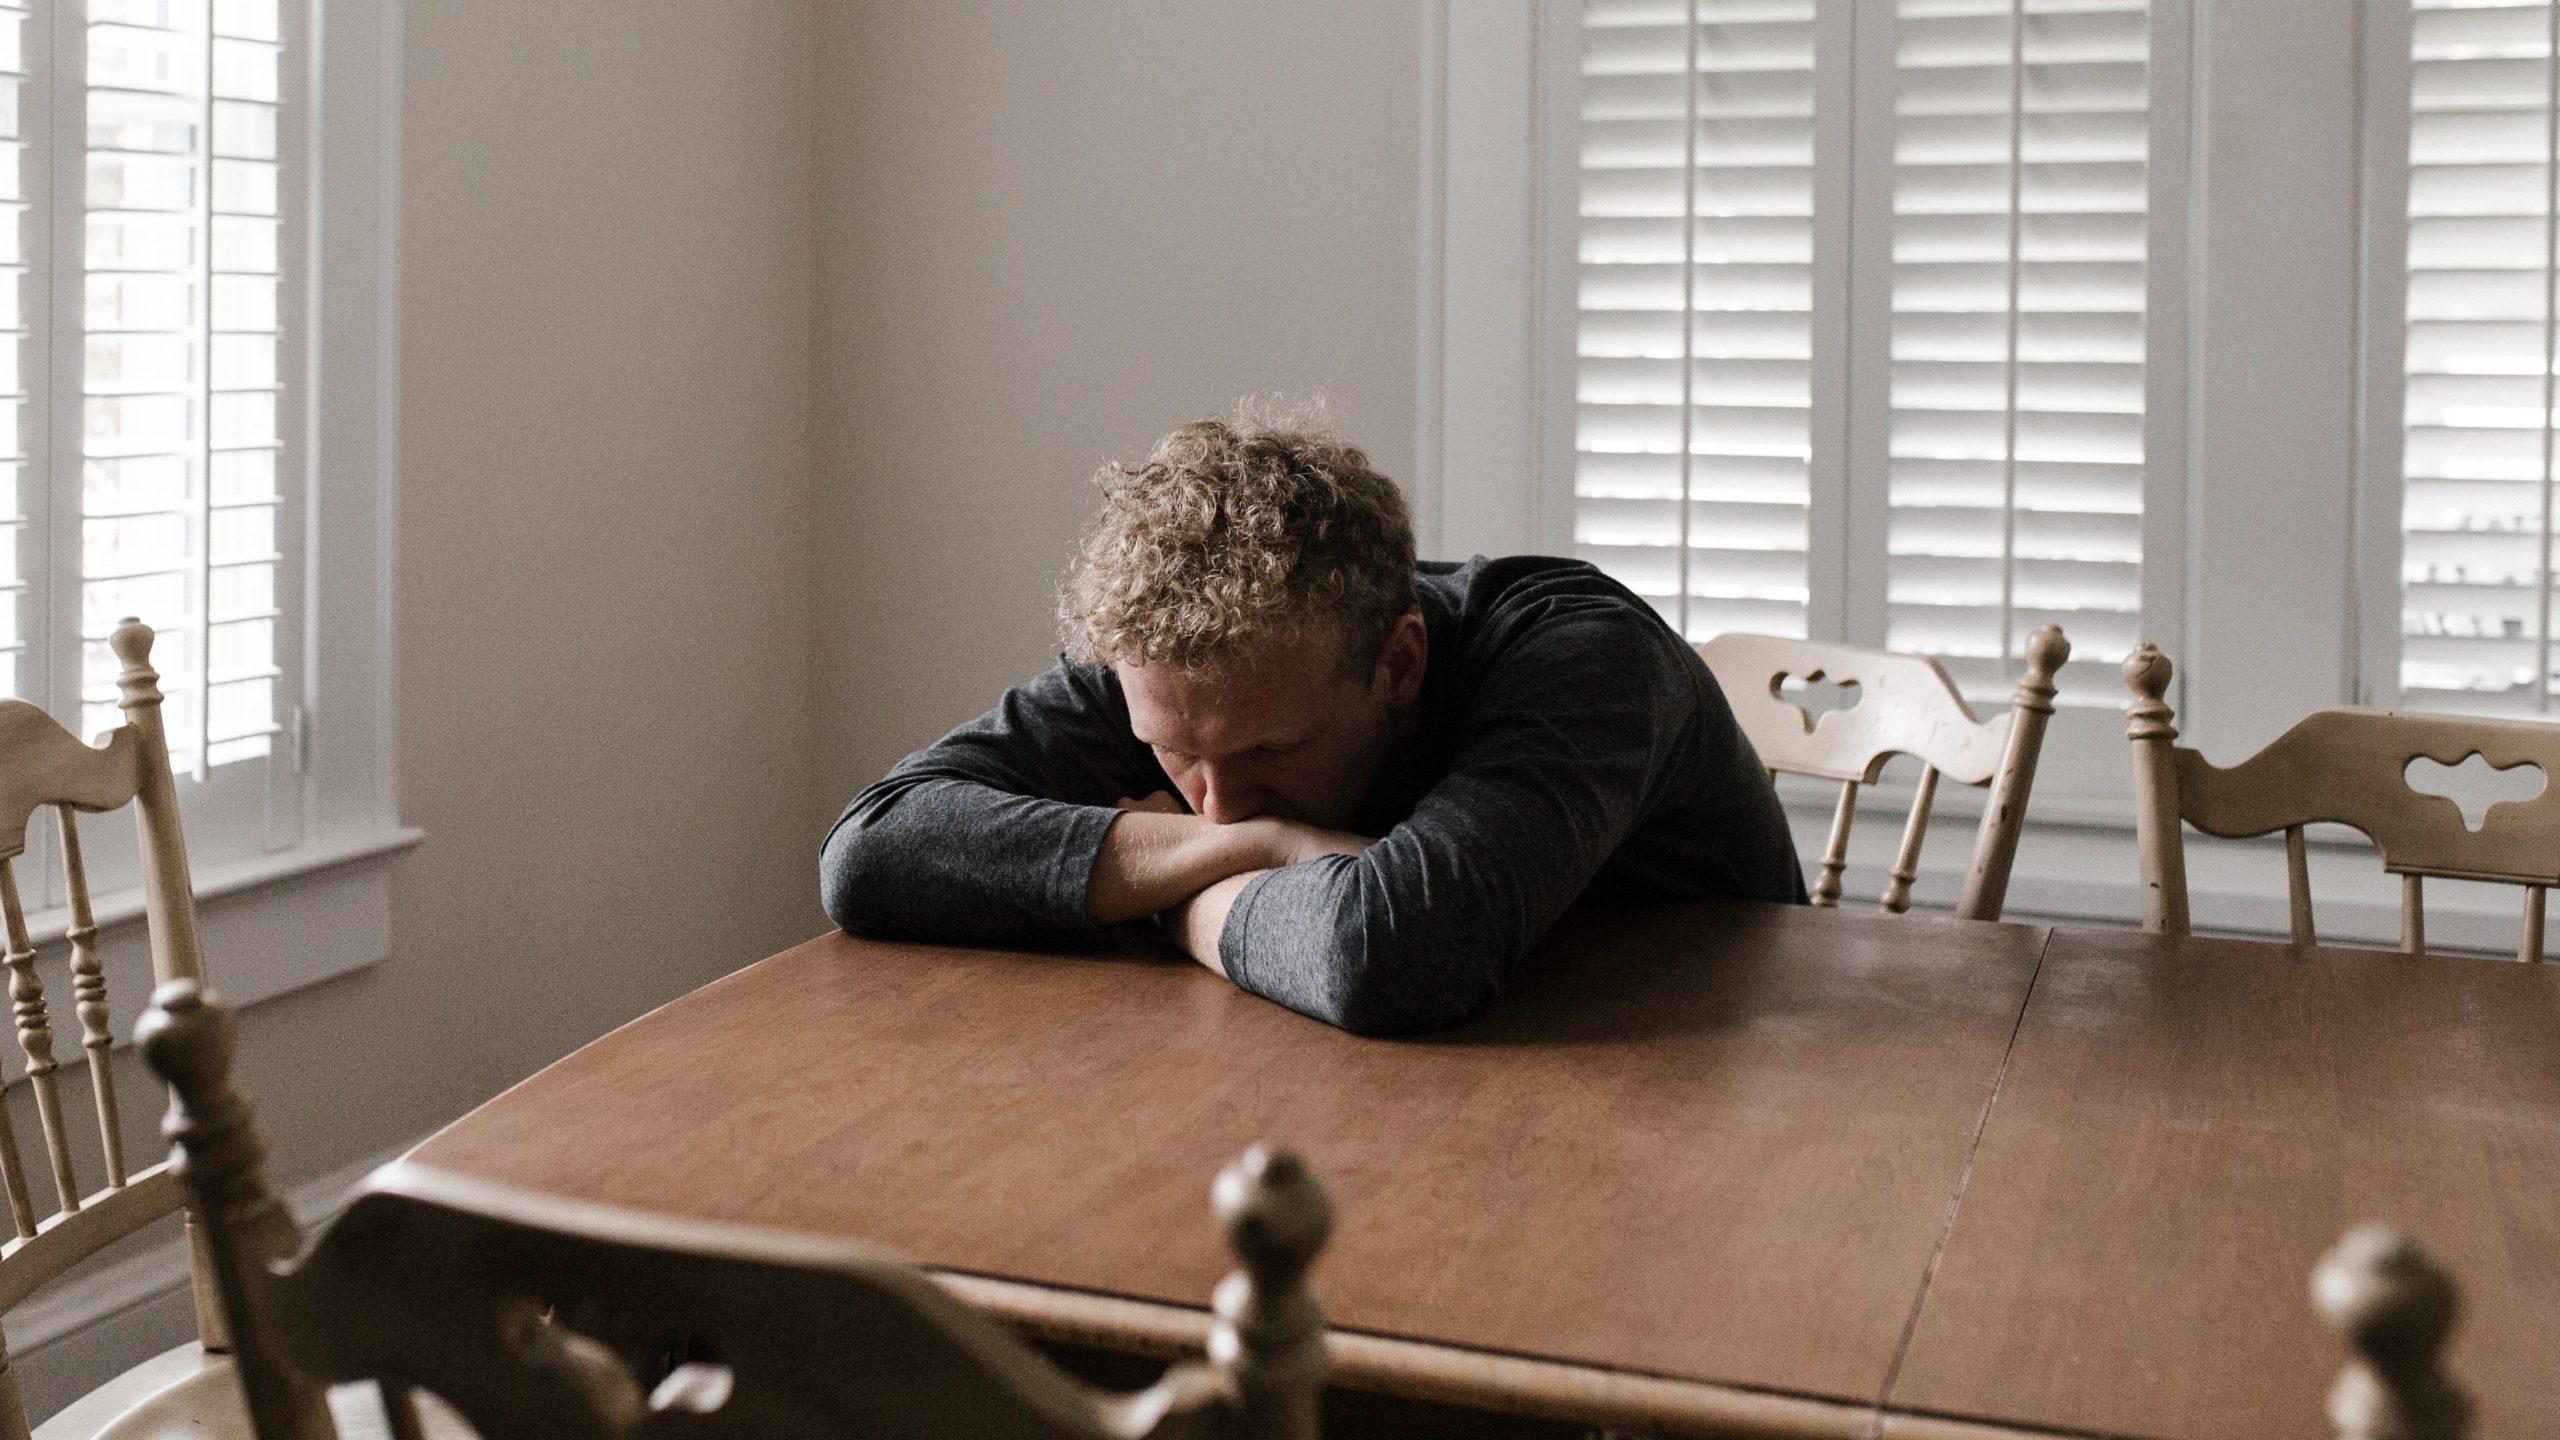 L'absence de travail, une situation qui peut entraîner un sentiment de honte